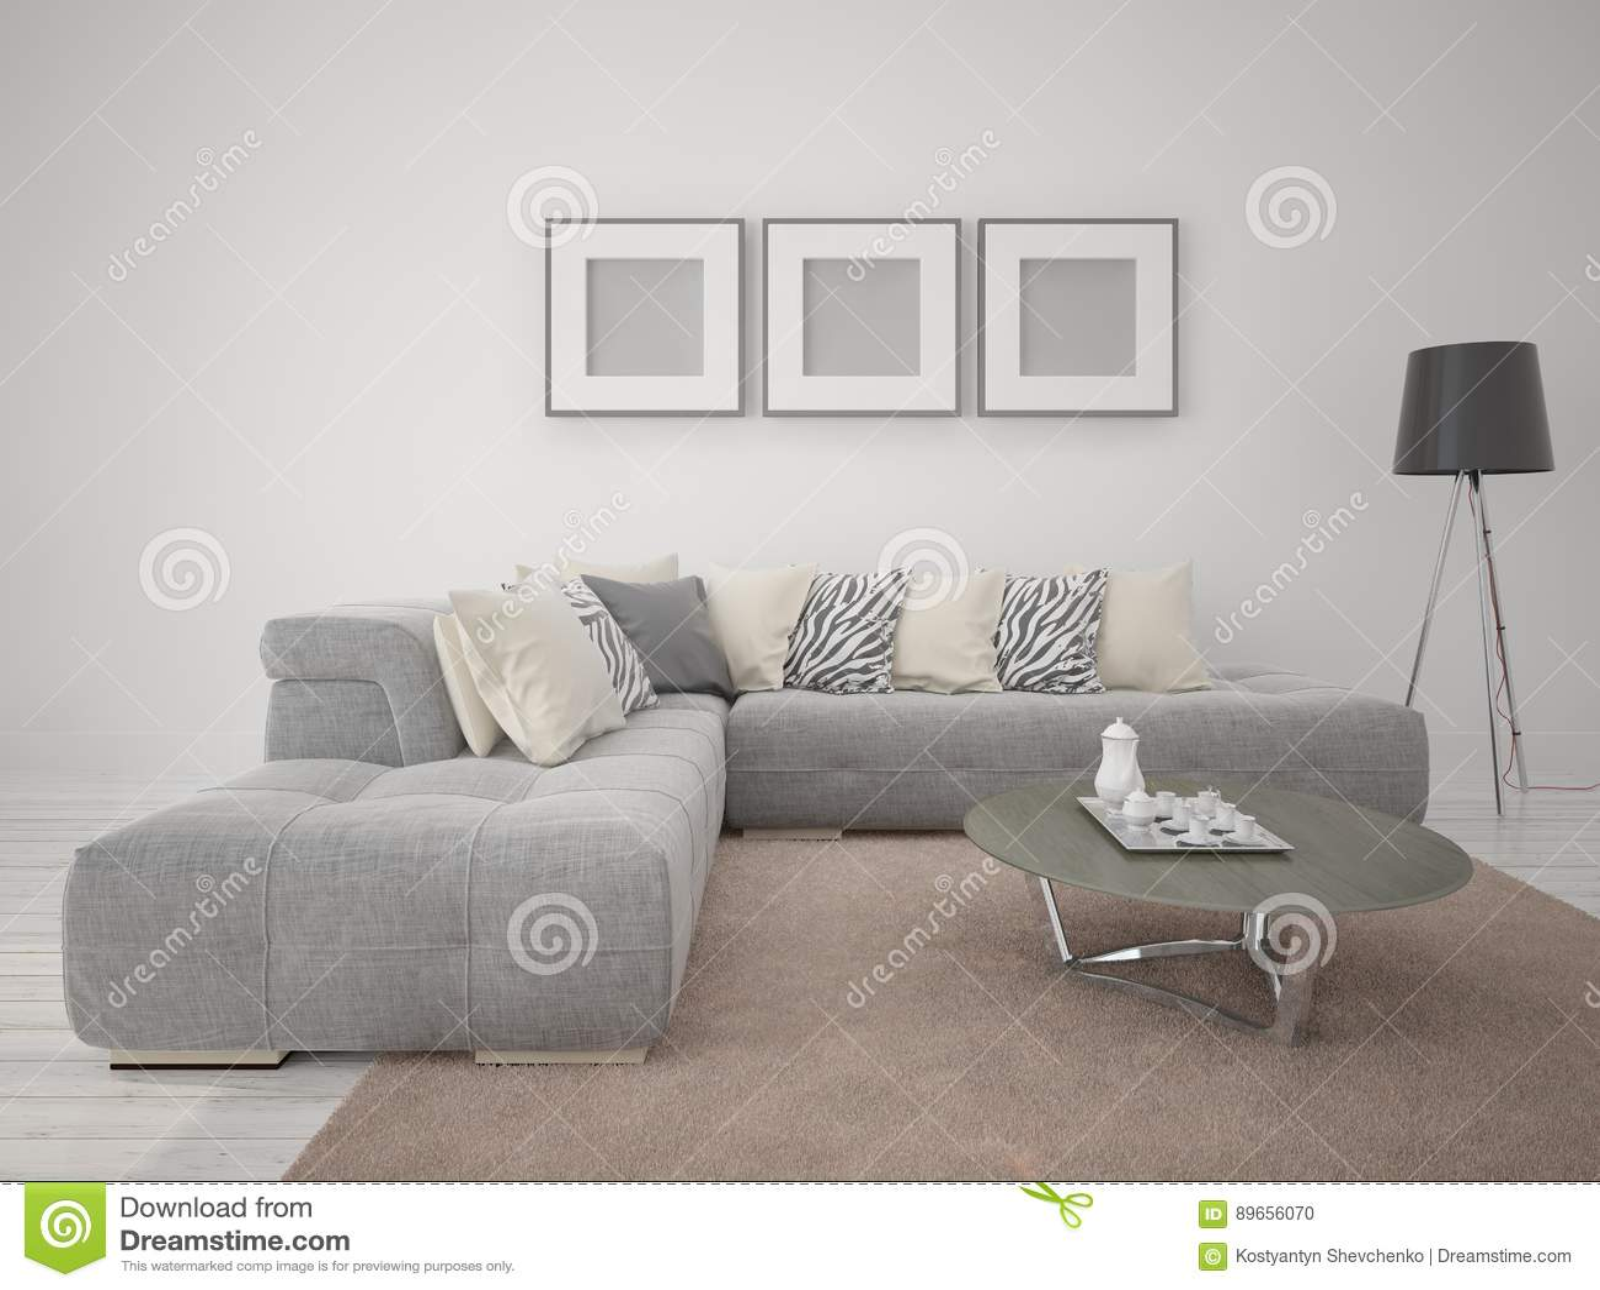 Verspotten Sie Herauf Modernes Wohnzimmer Mit Bequemem Ecksofa Stock ...